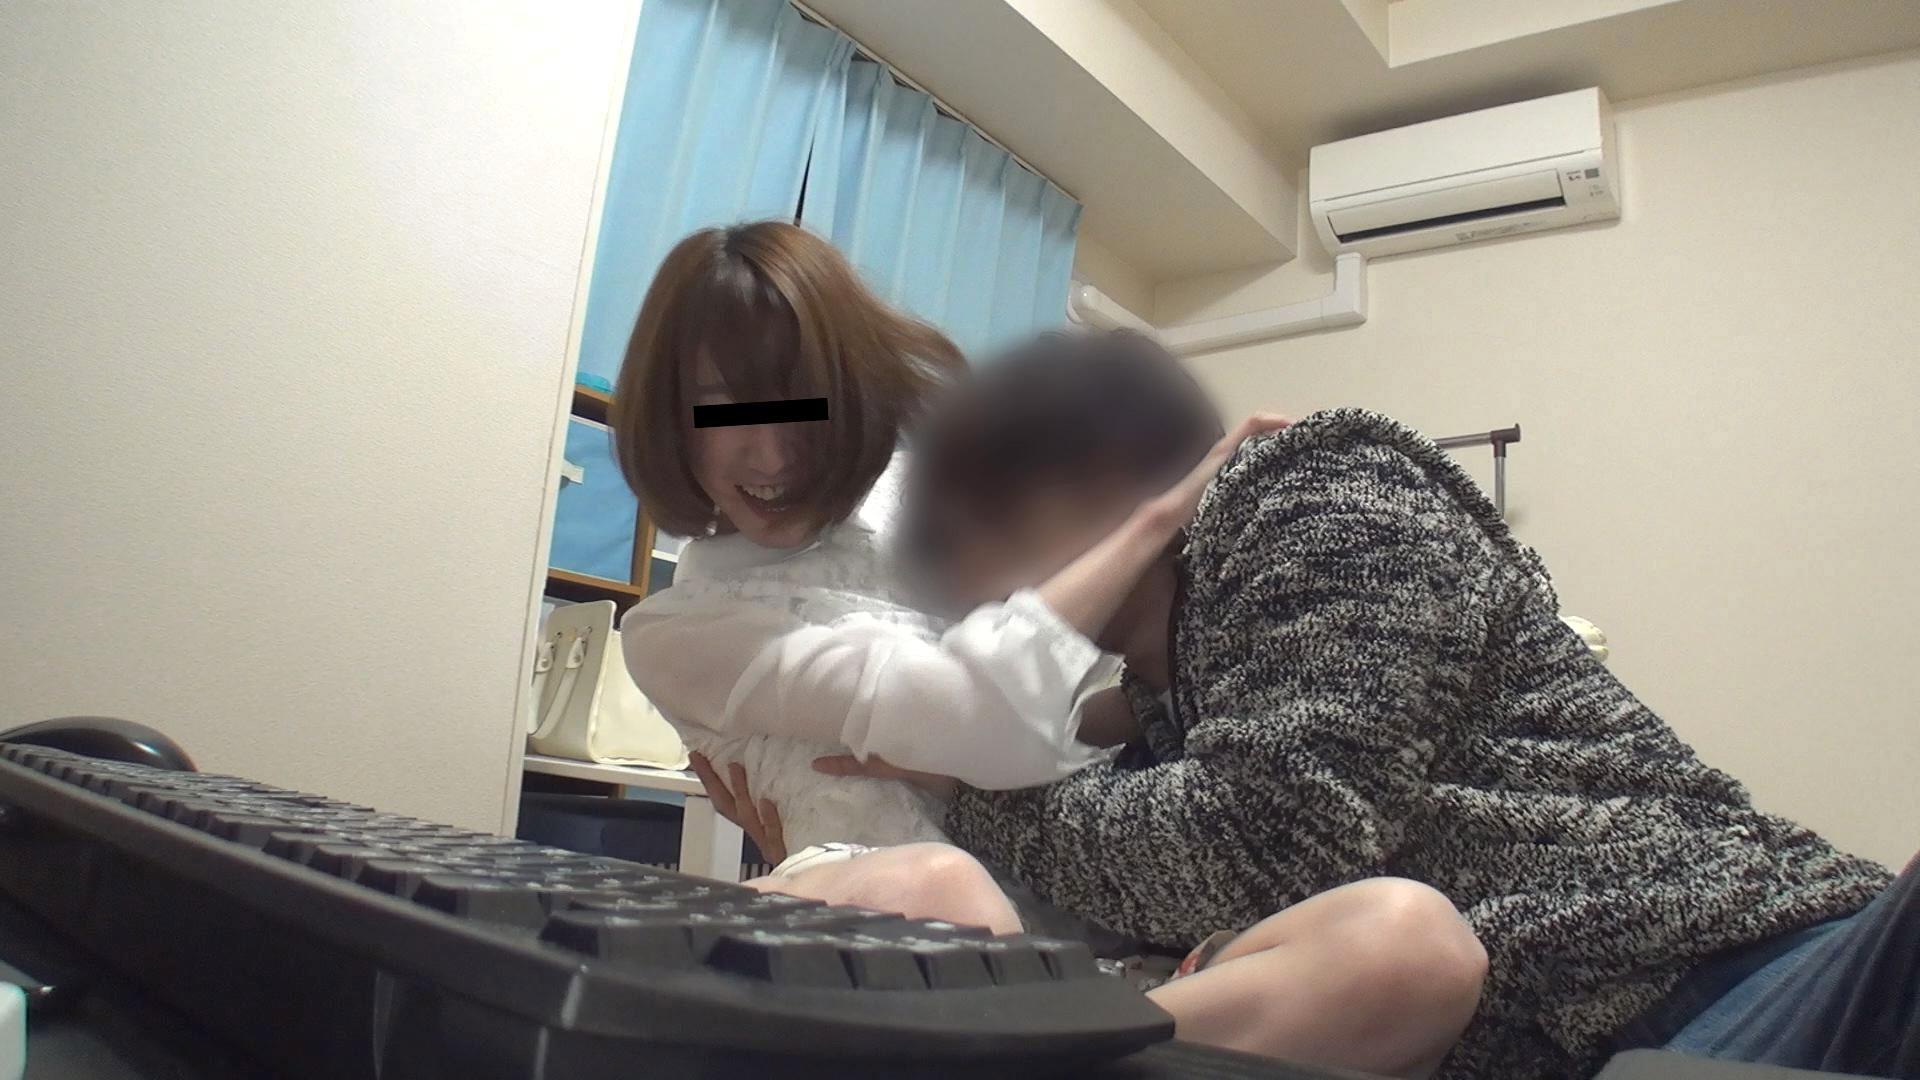 佐々木愛美 画像 59